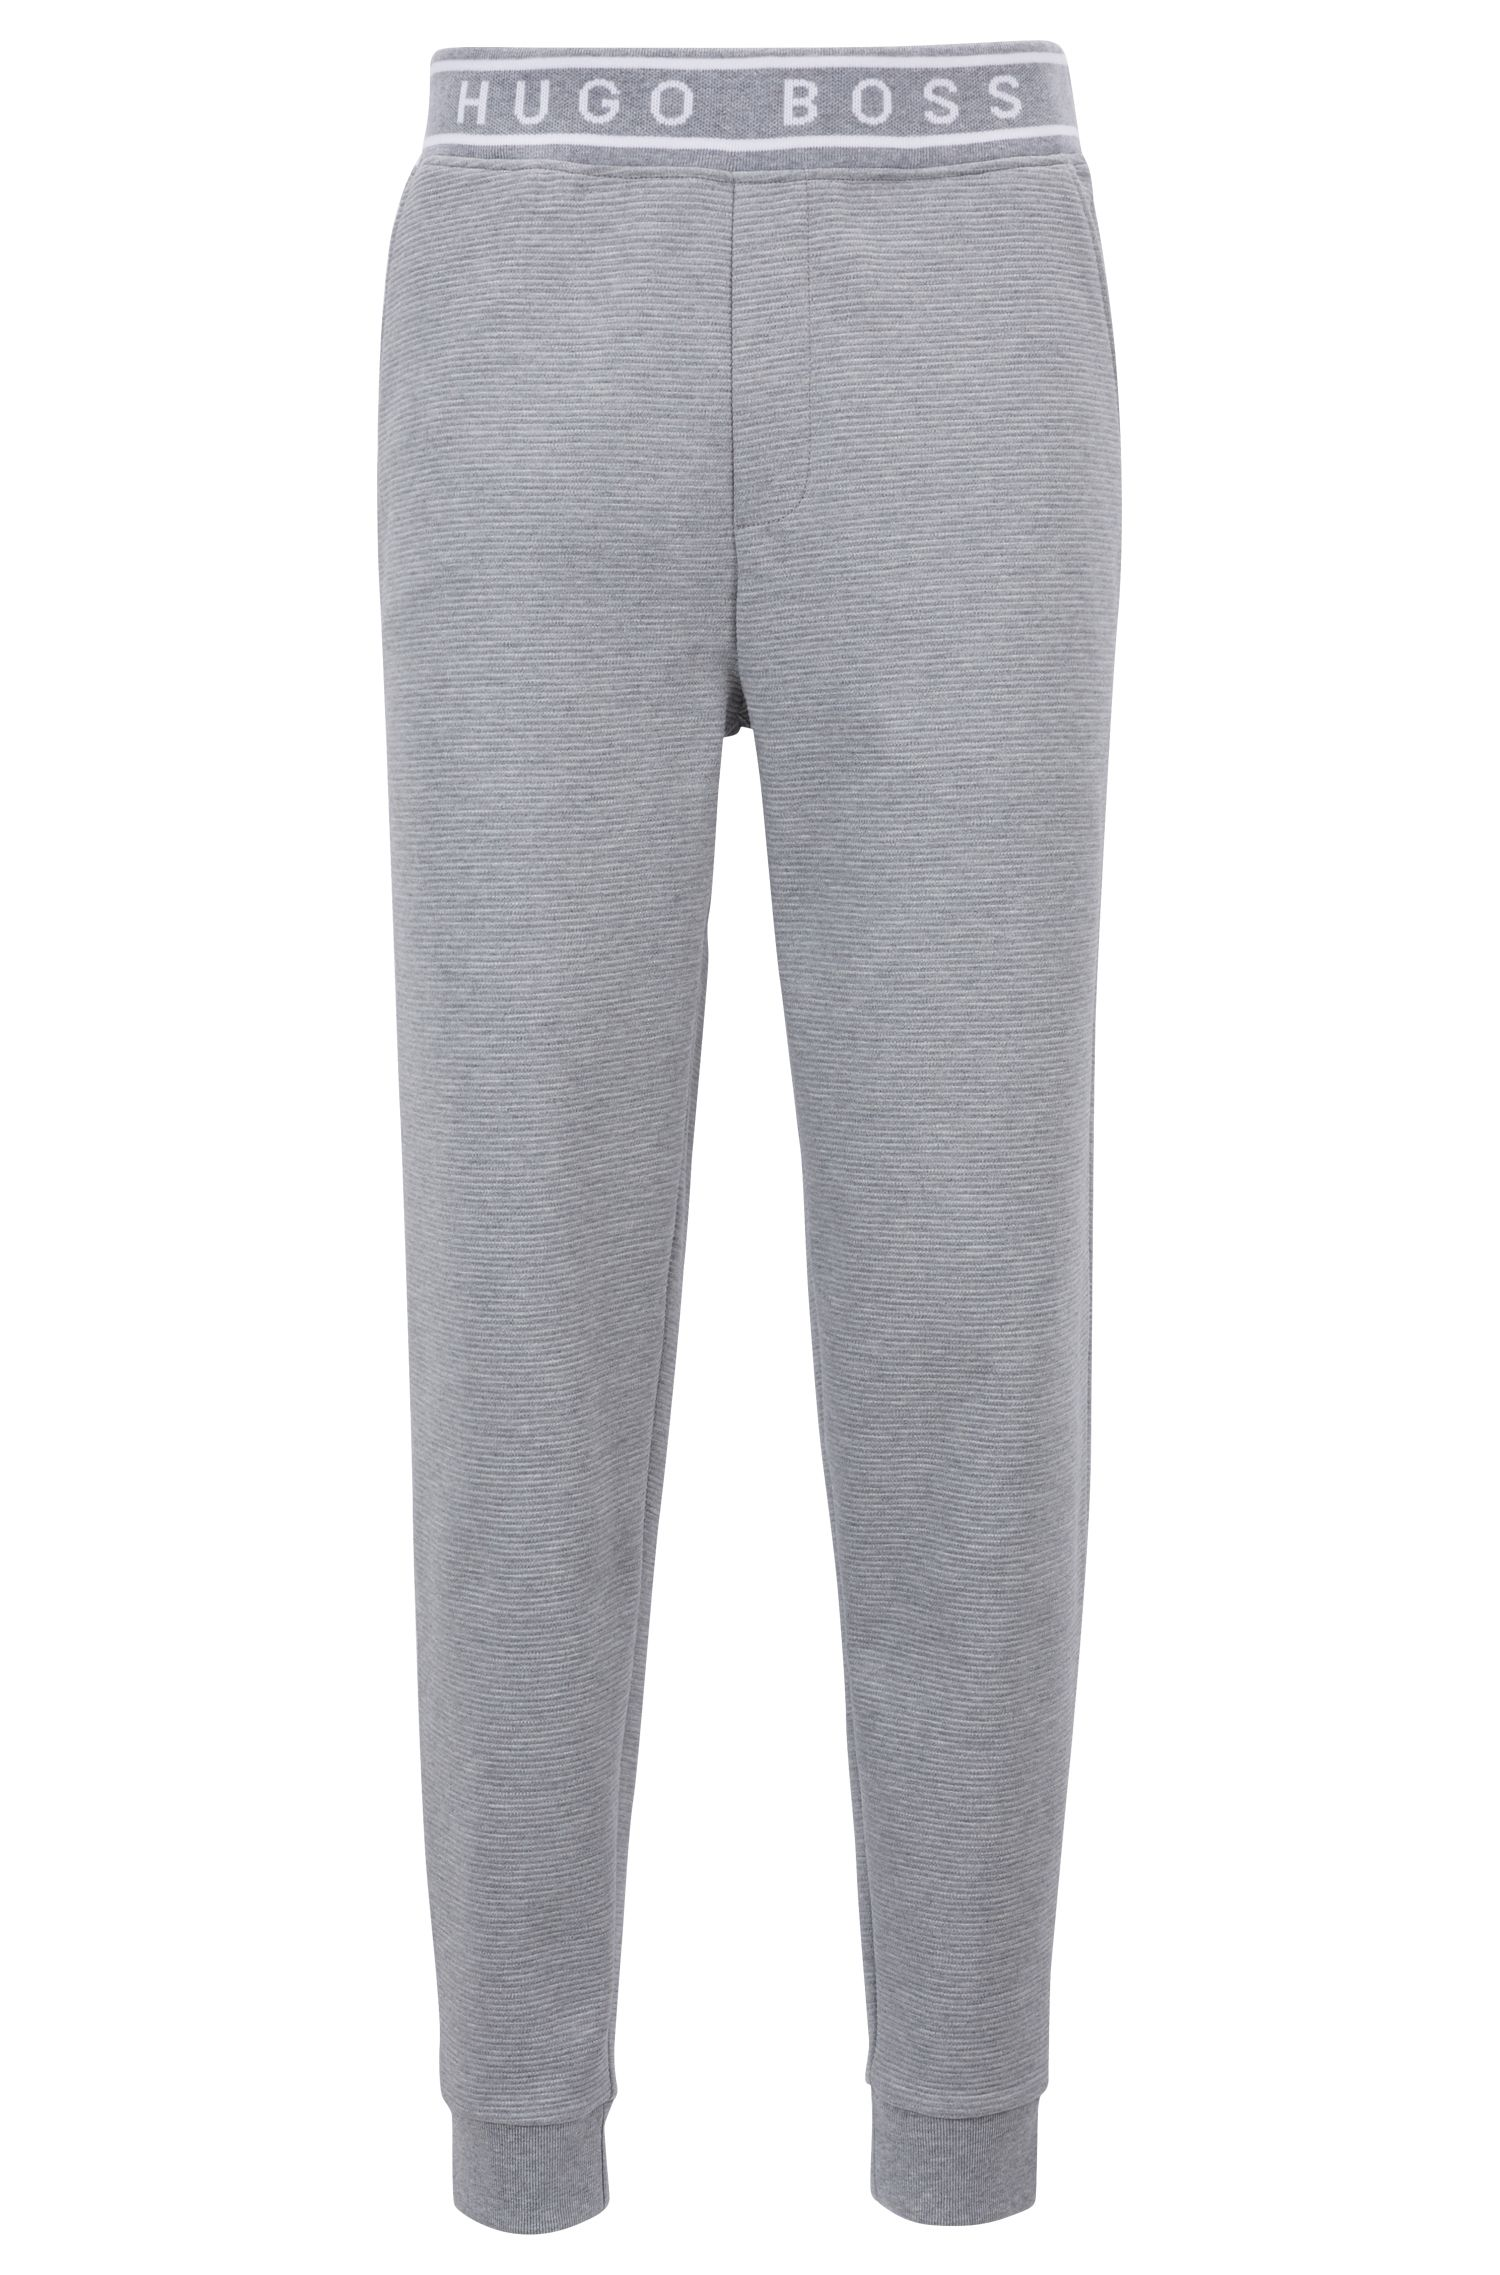 Cuffed-hem loungewear pants in cotton interlock, Grey